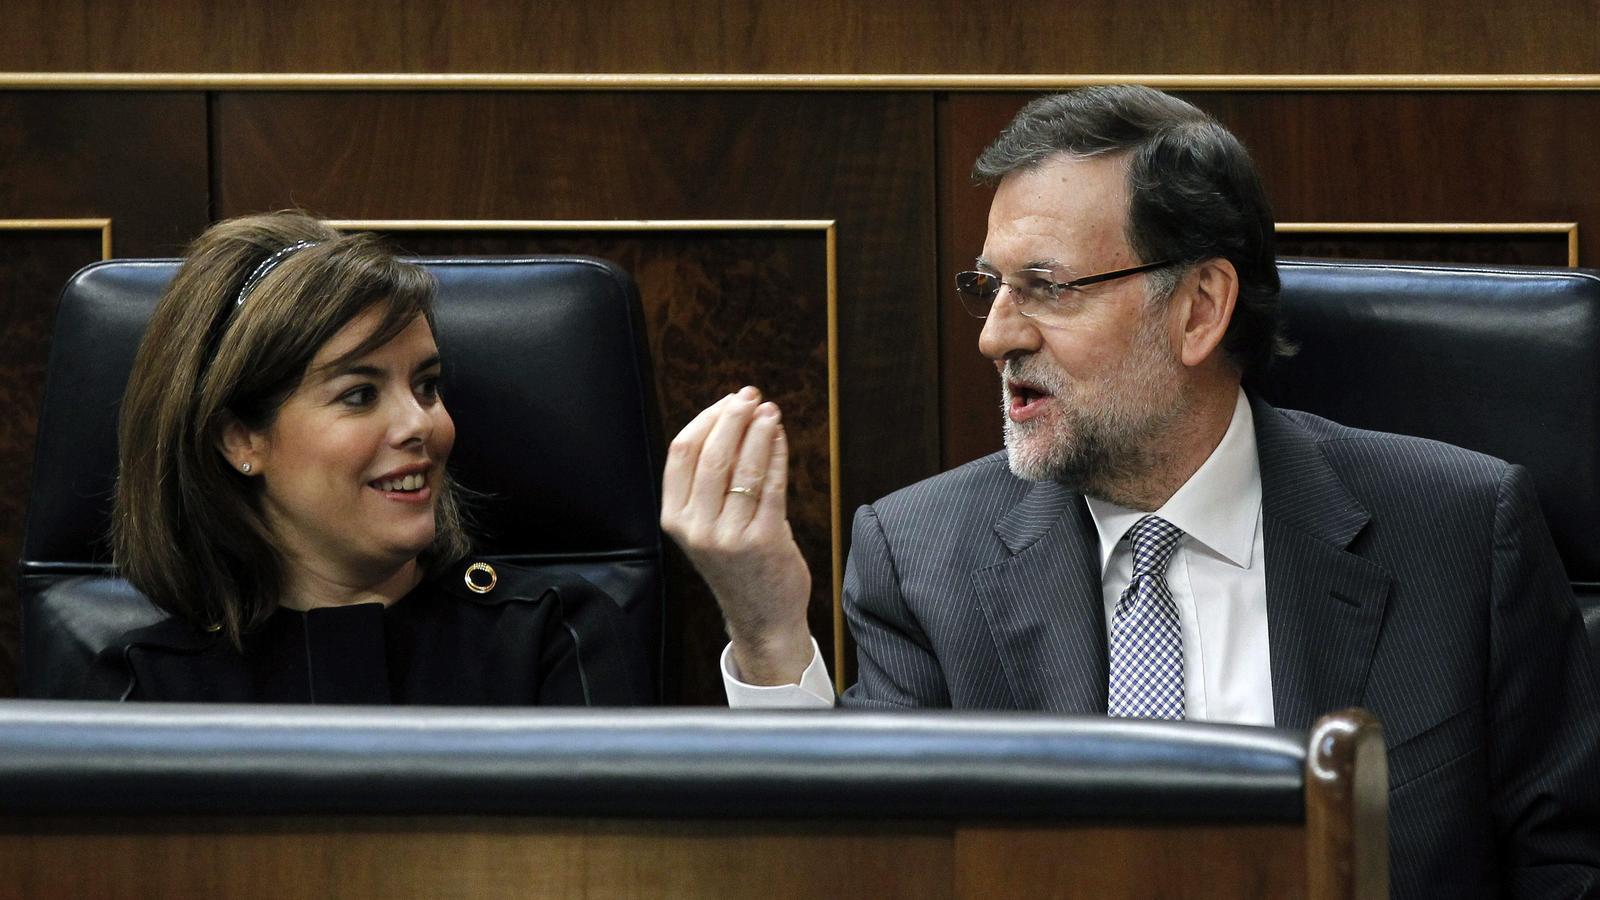 El judici de l'1-O entre en la fase de testimonis amb Rajoy, Sáenz de Santamaría i Montoro